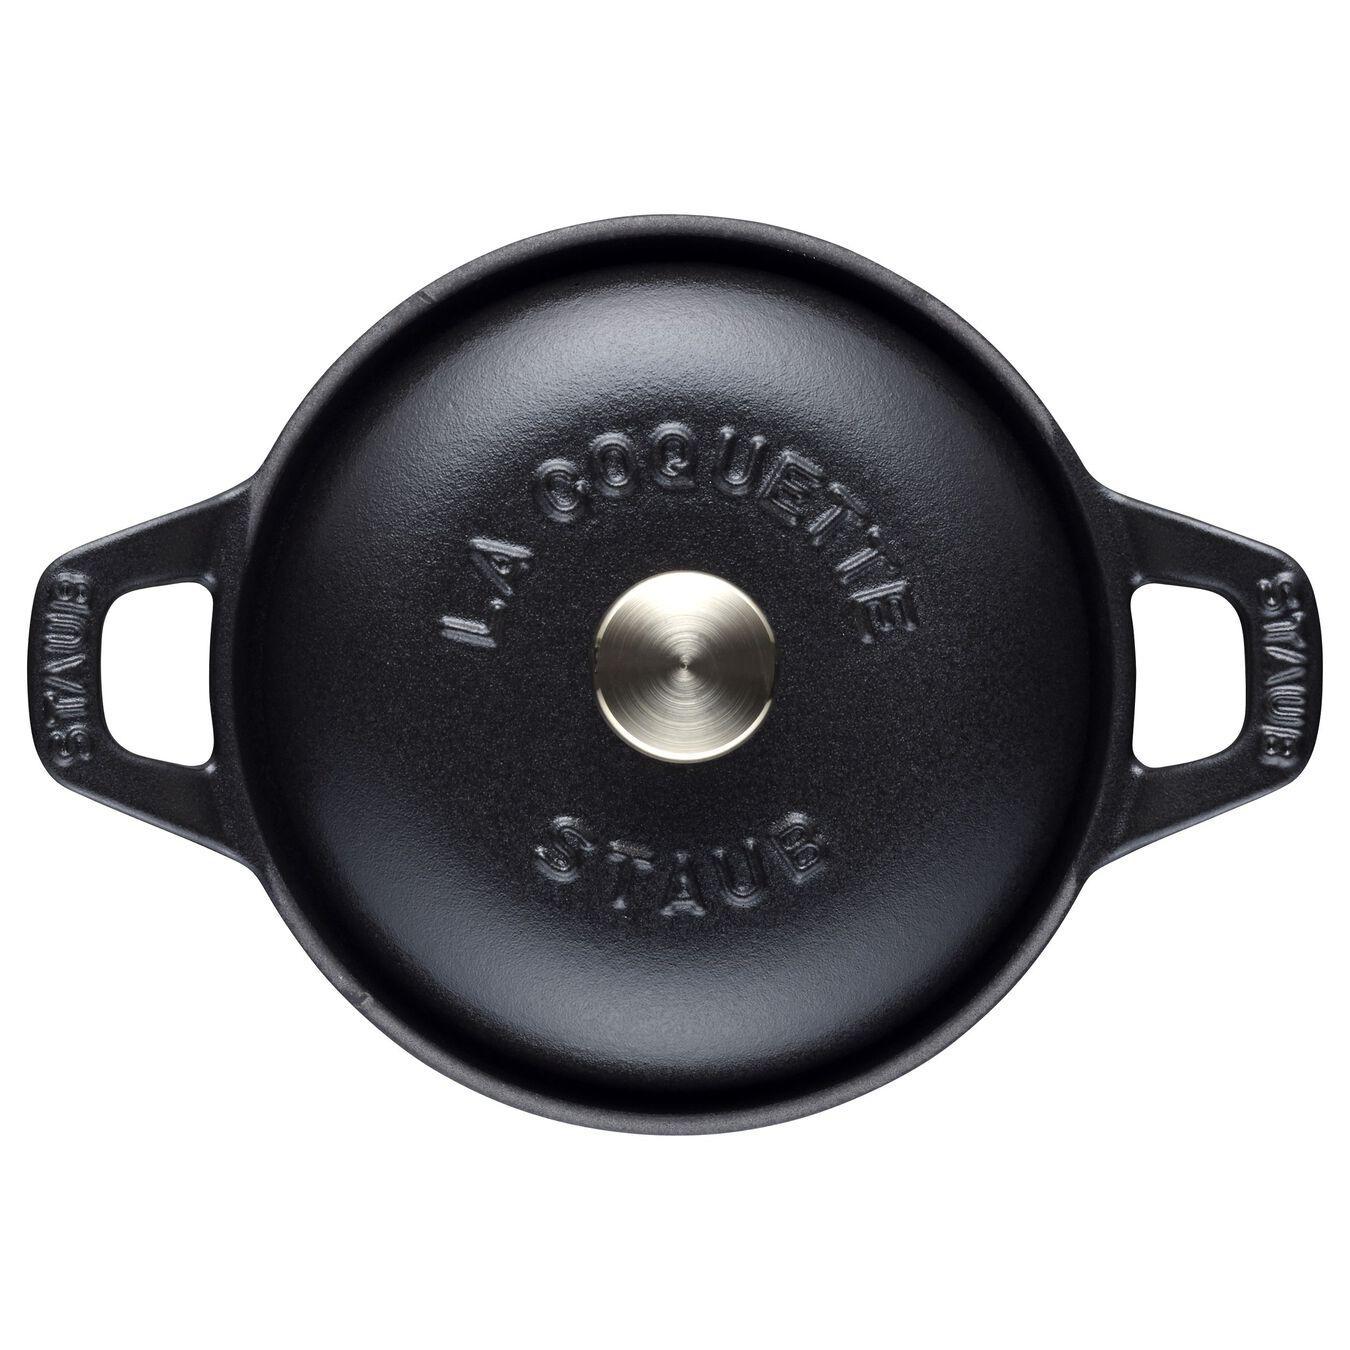 La Coquette rotonda - 12 cm, Nera,,large 2